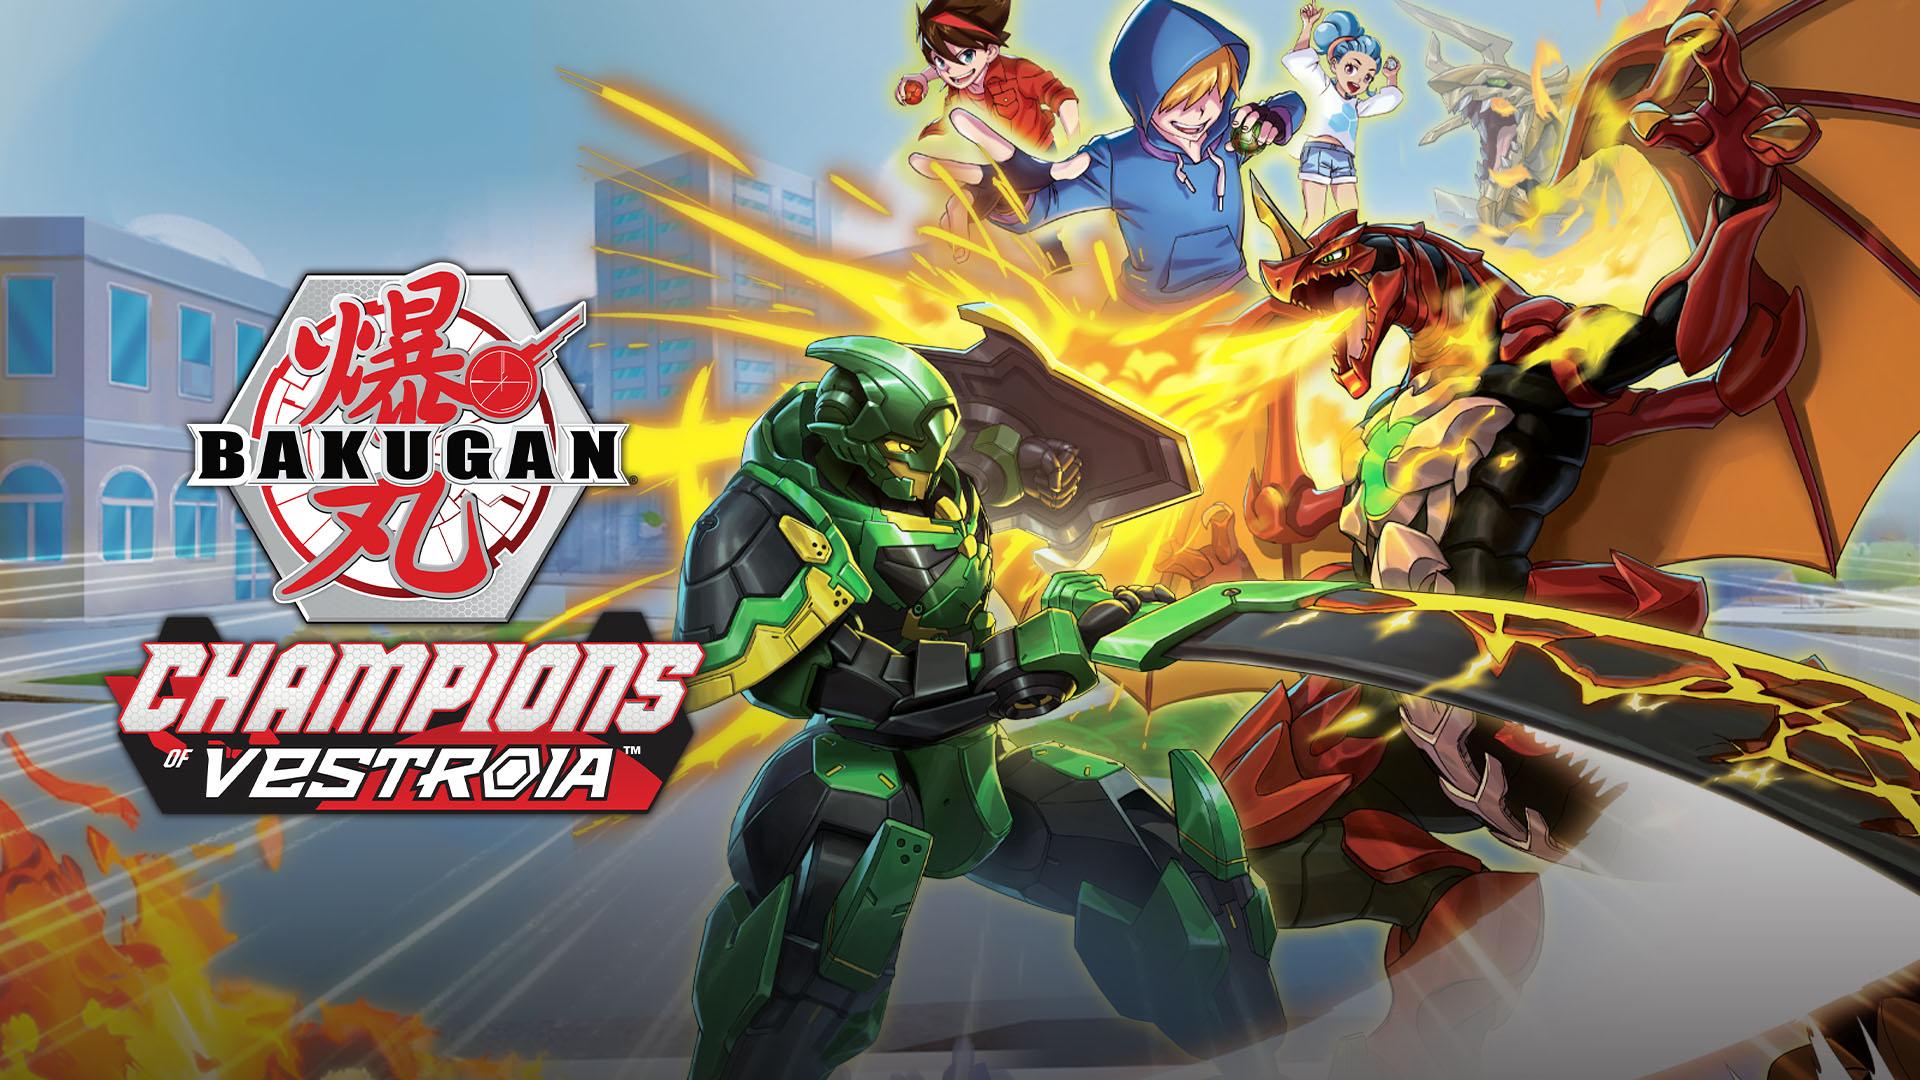 Annonce du jeu Bakugan: Champions of Vestroia sur Switch